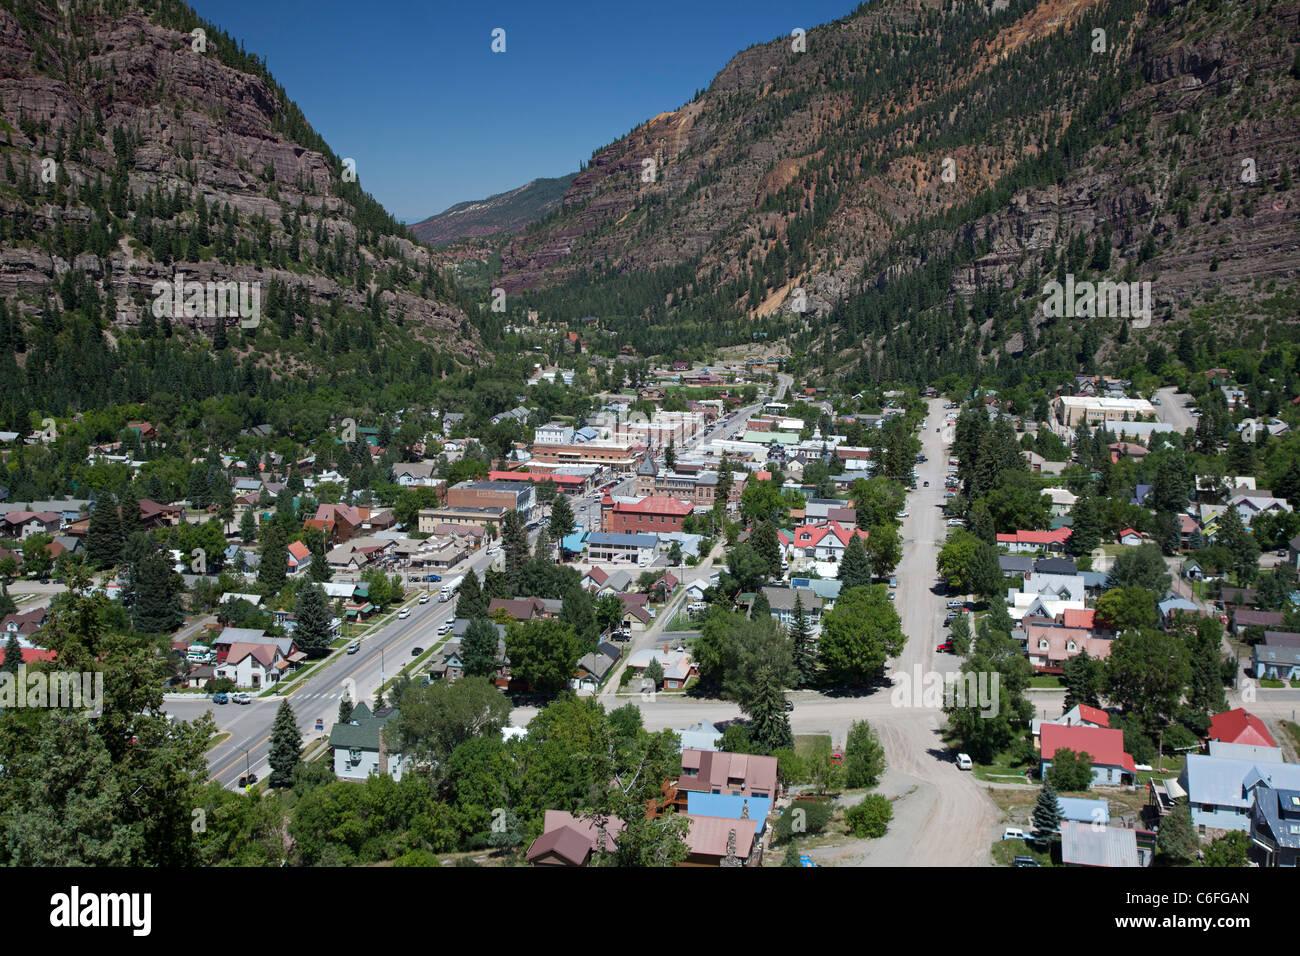 Ouray, Colorado, un ex città mineraria in San Juan Mountains ora supportata dal turismo. Immagini Stock